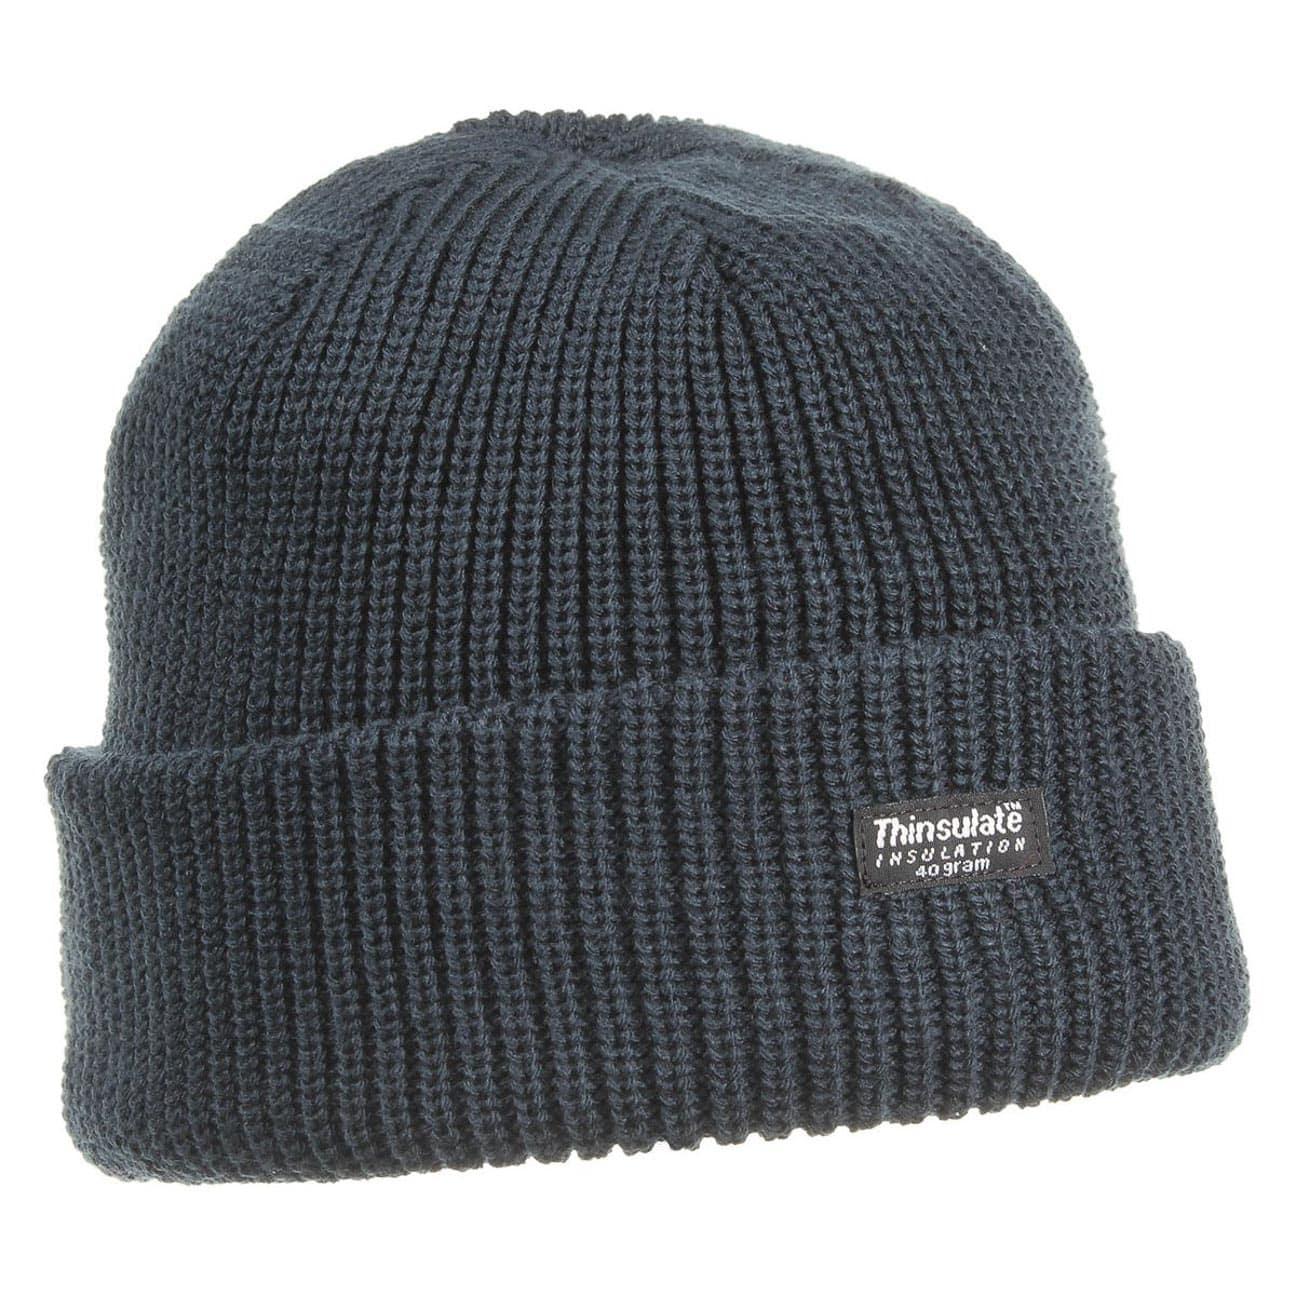 Herren Mütze Strickmütze Wintermütze Thinsulate mit Fleecefutter schwarz